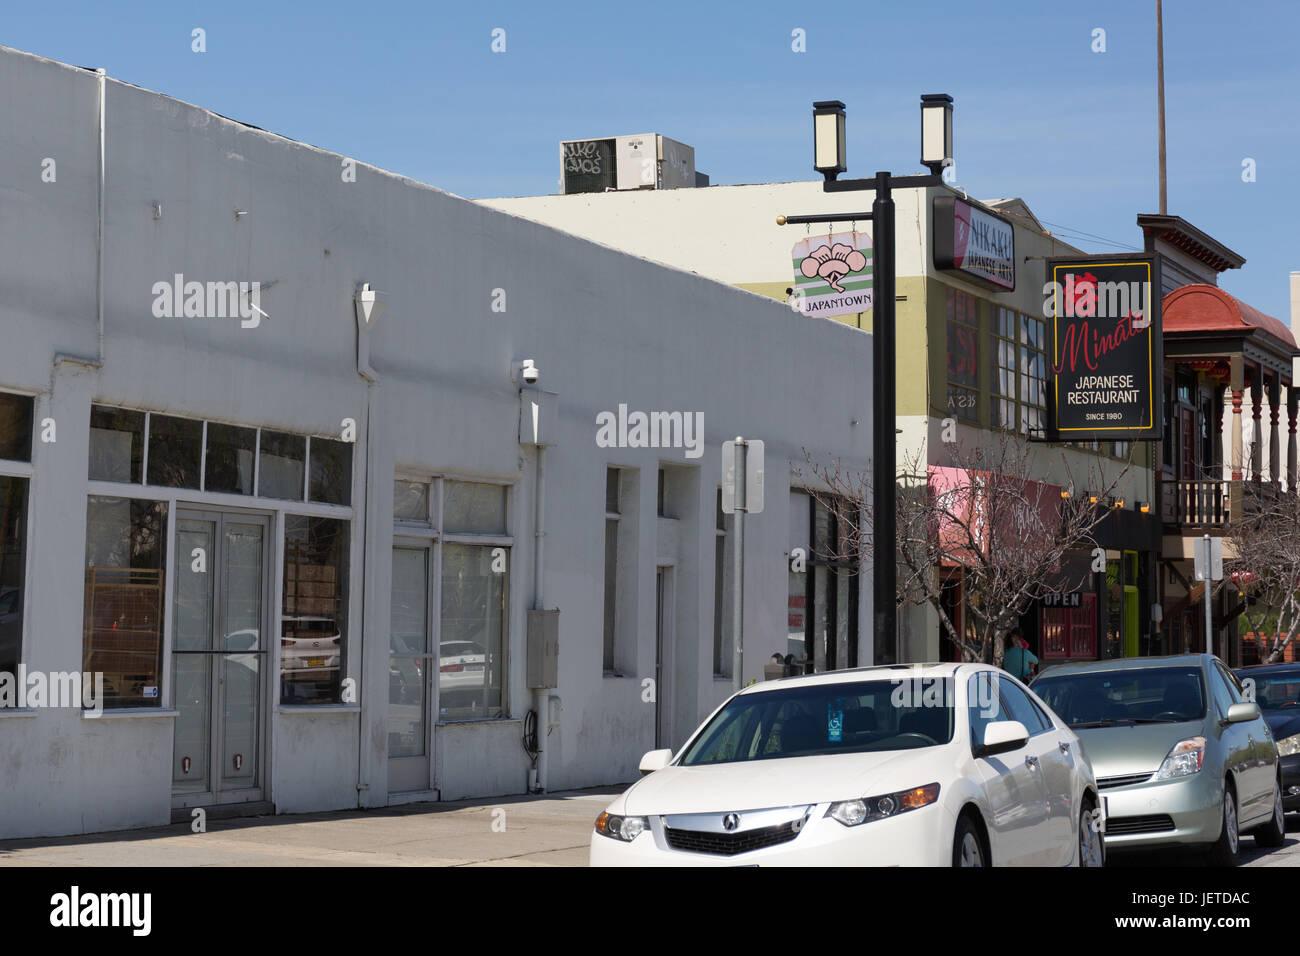 Japantown San Jose Stock Photo 146825460 Alamy